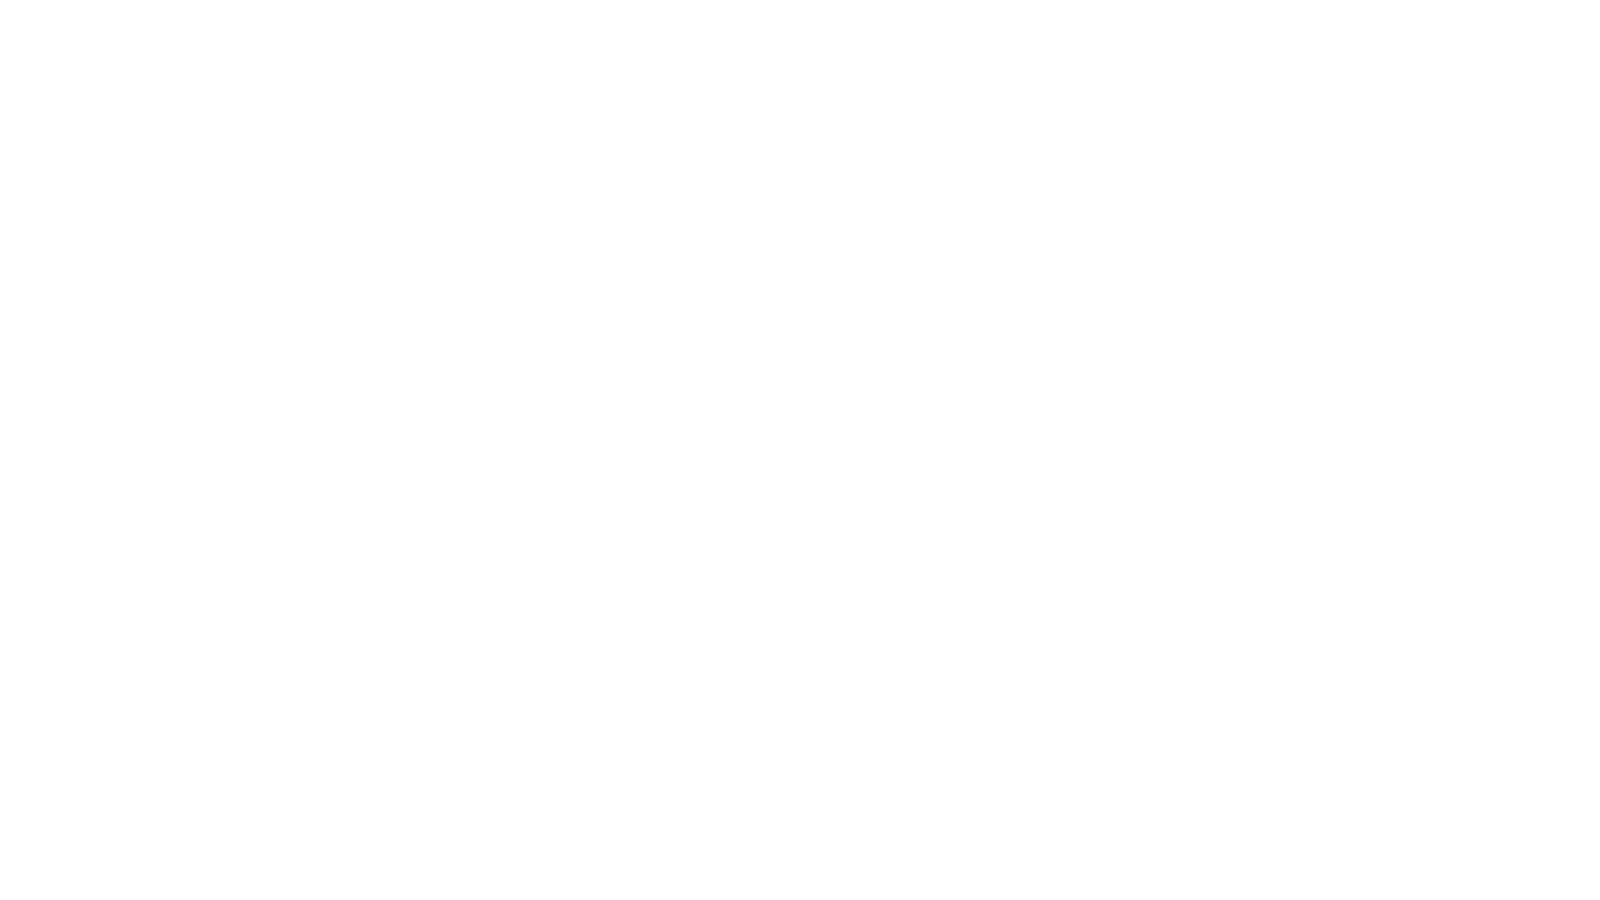 こんにちは! 秘境トラベラーのMegumiです♪  私はトラベルフォトグラファーとして、毎月世界を旅しています。 (2020年4月現在、コロナの影響で旅はお休み中。今は日本でのんびりしています。)  ↓↓チャンネル登録はこちらから↓↓ https://www.youtube.com/channel/UCCcaDq3qf65LB2Dpgf-XowQ   今回はお家時間が楽しくなる企画動画。 (と言ってもなんの宣伝、協力でもありません。)  コーヒー好きさん必見!  ぜひご自宅で、ご自身で、生豆から焙煎をしてみませんか? 実は結構簡単にできます。  自宅でコーヒー豆焙煎した様子をシネマ動画風に撮ってみましたので、ぜひゆるゆると、ご覧くださいませ。  私が使ってる焙煎装具やオススメのドリッパーも、参考までに下記に載せておきます。 ↓↓↓↓↓  ◎コーヒー豆焙煎用金網 https://amzn.to/2y2H3rF  ◎コーヒードリッパー クレバ https://a.r10.to/hlJaFA  ◎コーヒー生豆 やなか珈琲 https://www.yanaka-coffeeten.com/    ---------------------------  〜これまでの旅の様子&日常は各メディアにアップしています〜   【Instagram】 https://www.instagram.com/travel.richwoman/  【Blog】 http://travel-richwoman.com/  【Facebook】 https://www.facebook.com/megumi.fujiyama  【自己紹介】  http://travel-richwoman.com/profile/  ---------------------------  #stayhome #おうち時間 #自家焙煎 #コーヒー